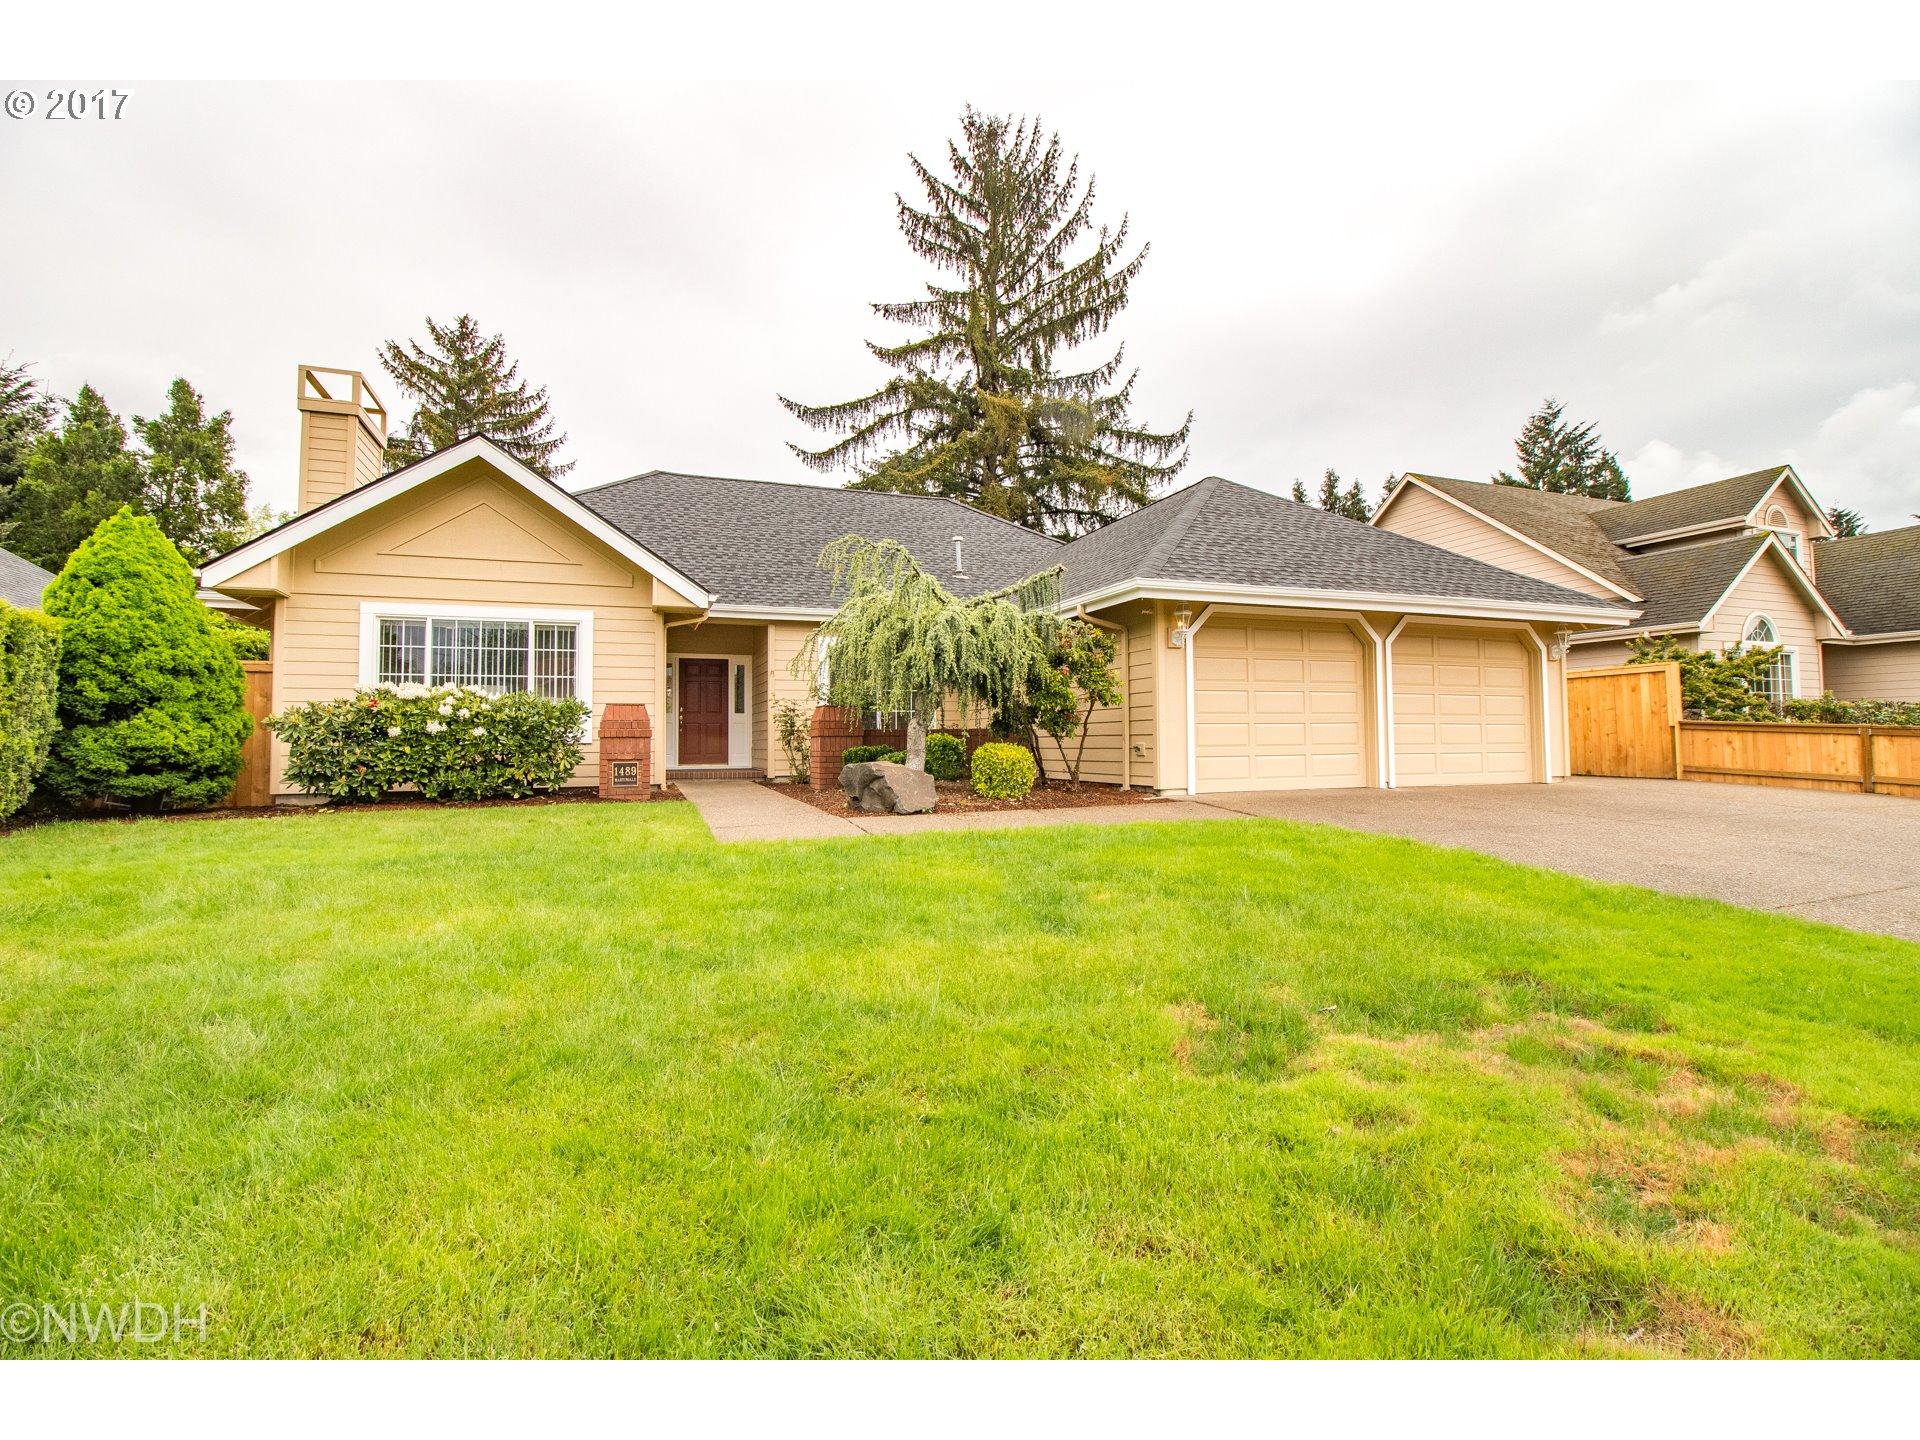 1489 MARTINGALE ST, Eugene, OR 97401